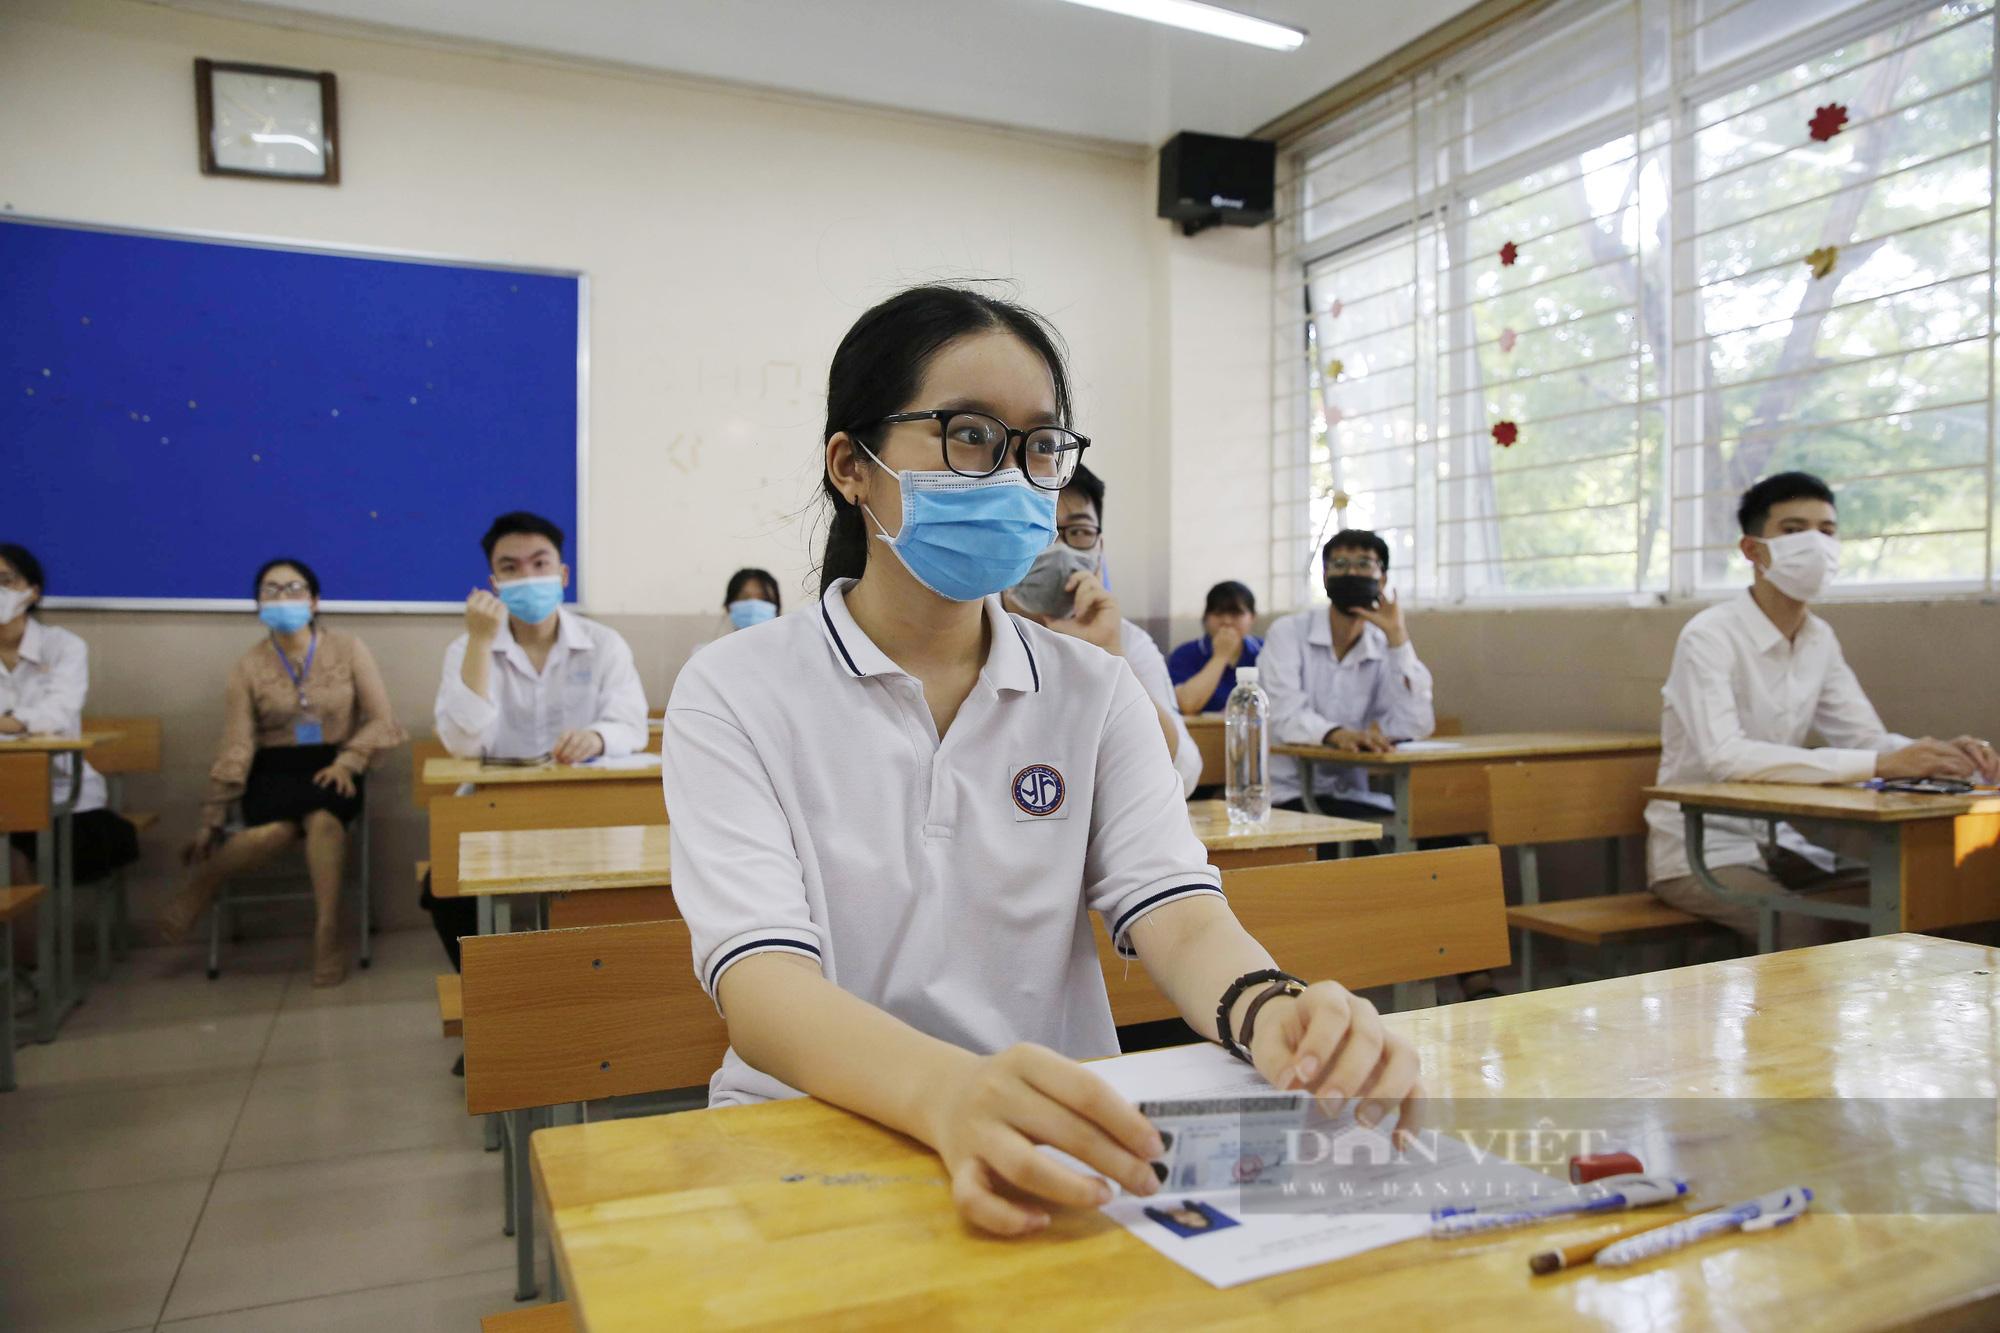 Điểm chuẩn đại học 2021 và xu hướng chọn ngành năm nay thế nào? - Ảnh 2.